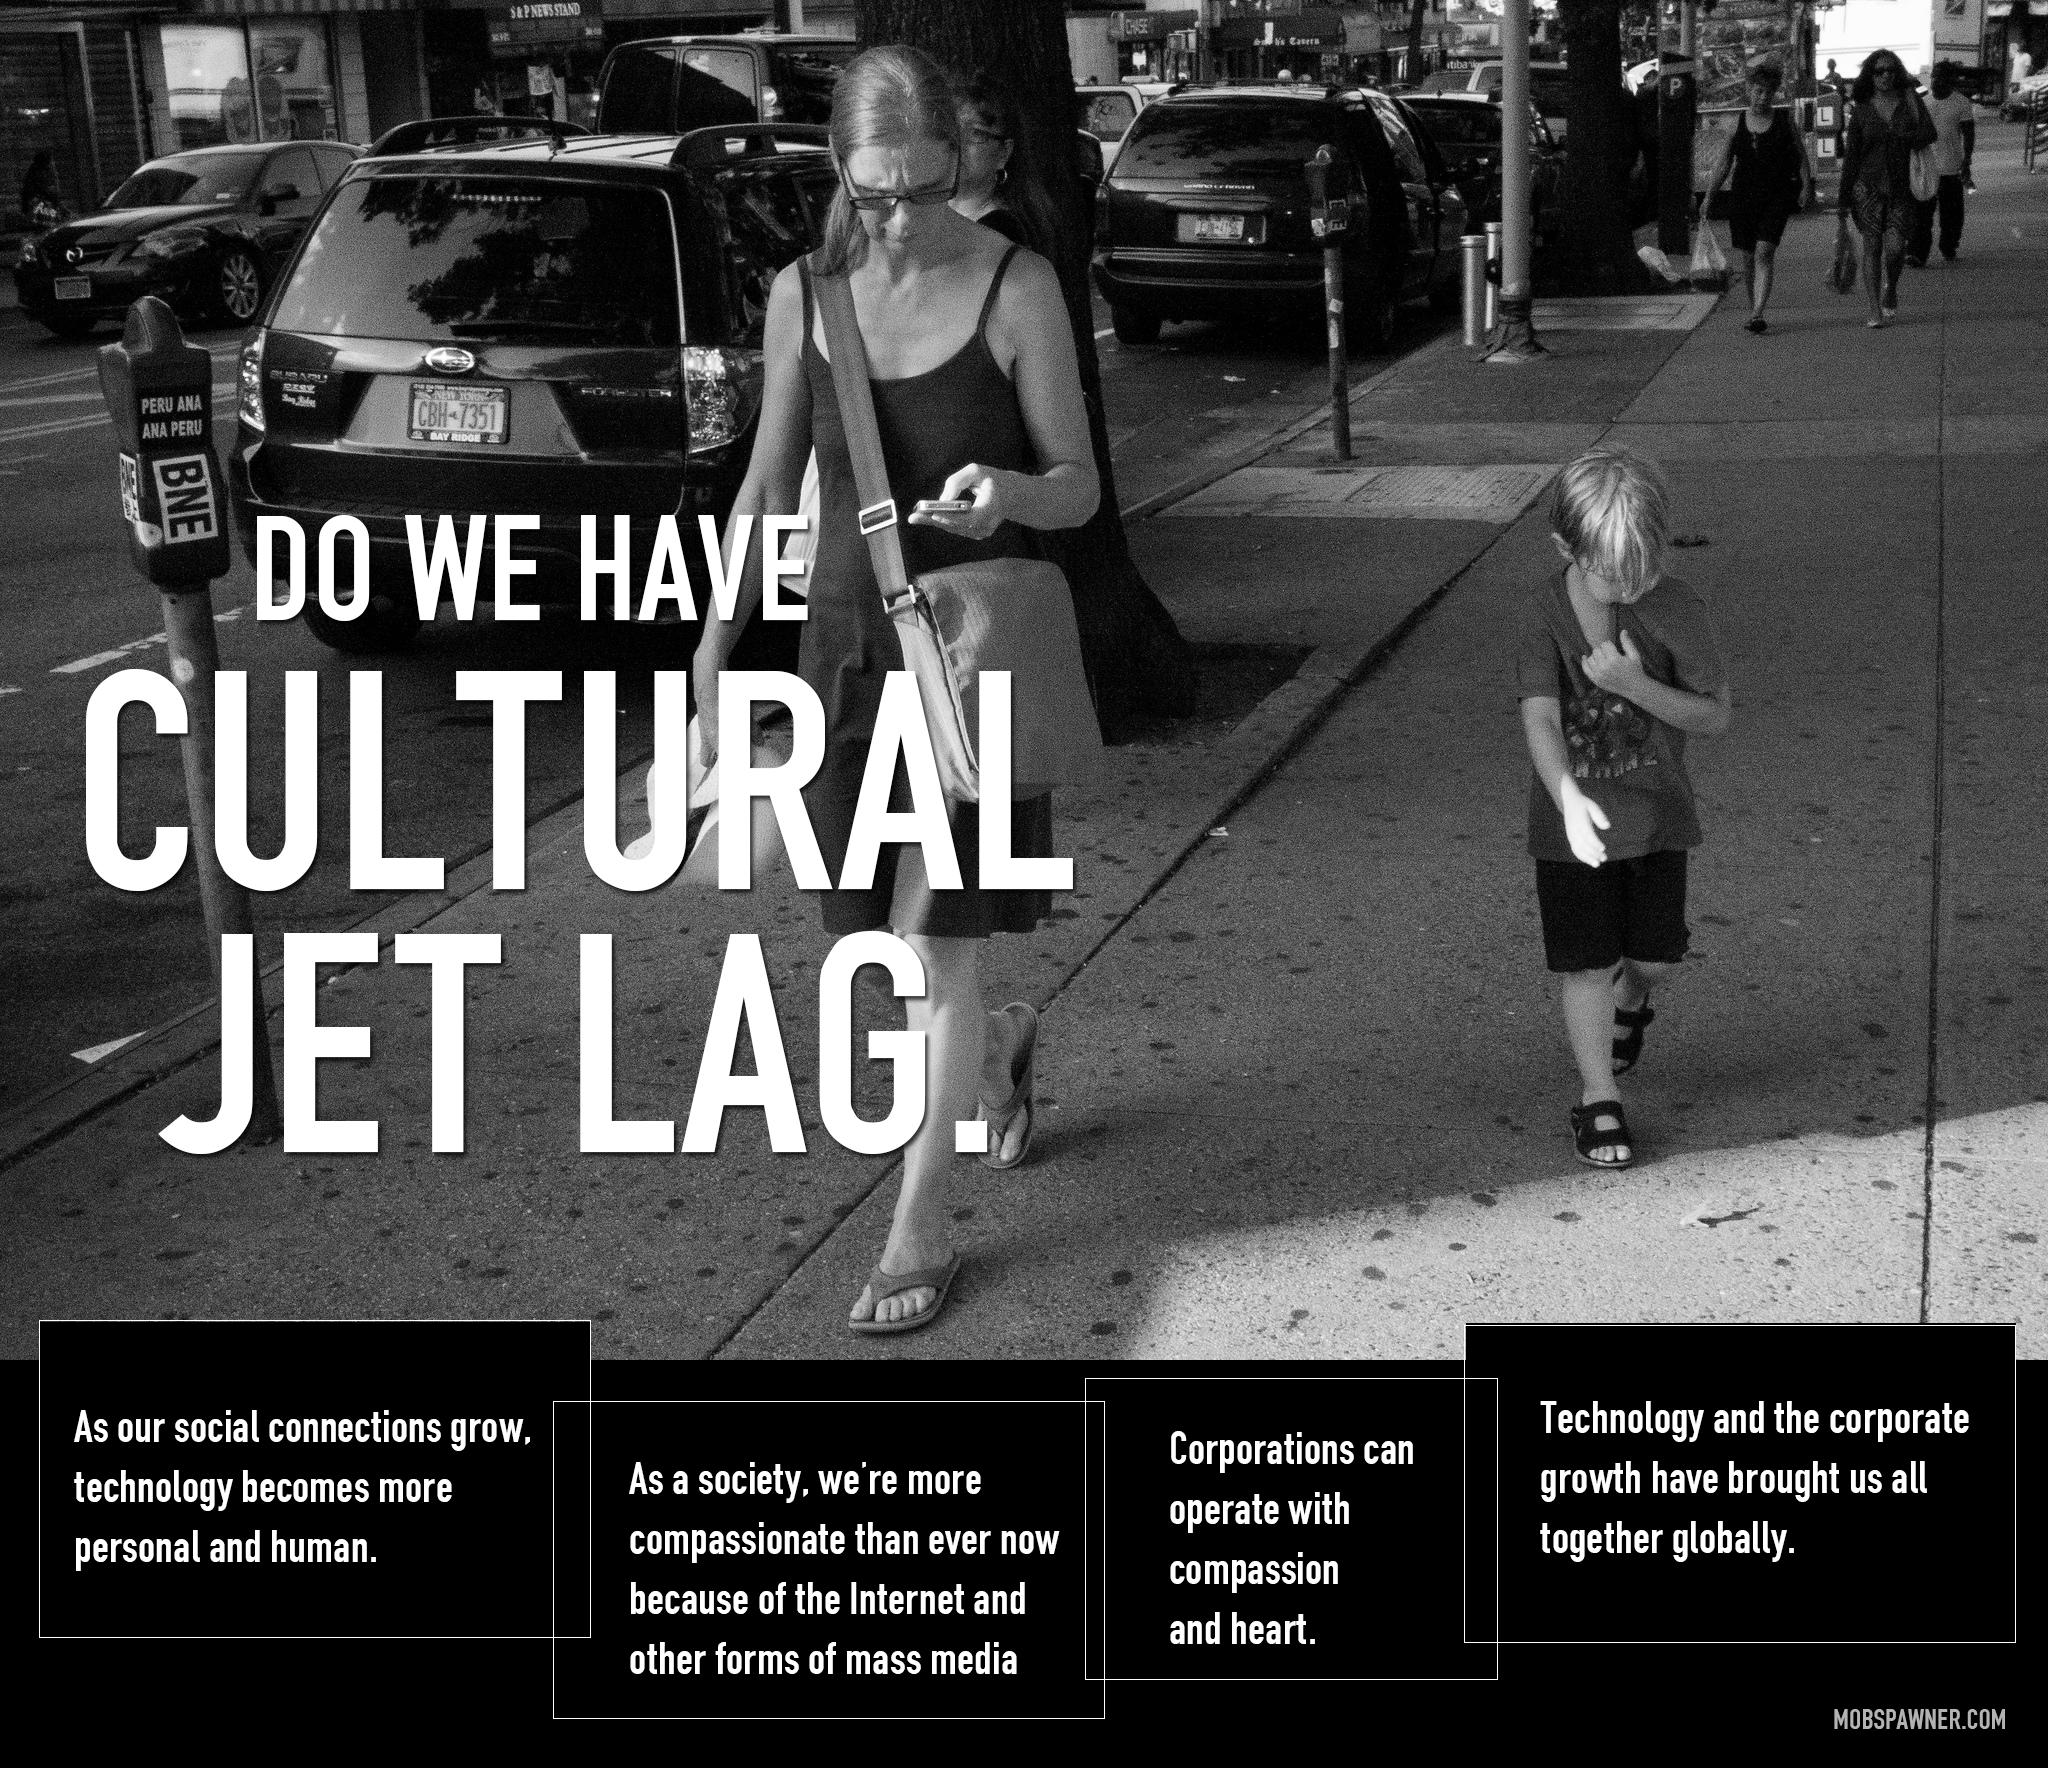 cultural lag Cultural lag merujuk pada gagasan bahwa budaya membutuhkan waktu untuk mengejar ketinggalan dengan inovasi teknologi, dan bahwa masalah-masalah sosial dan konflik.